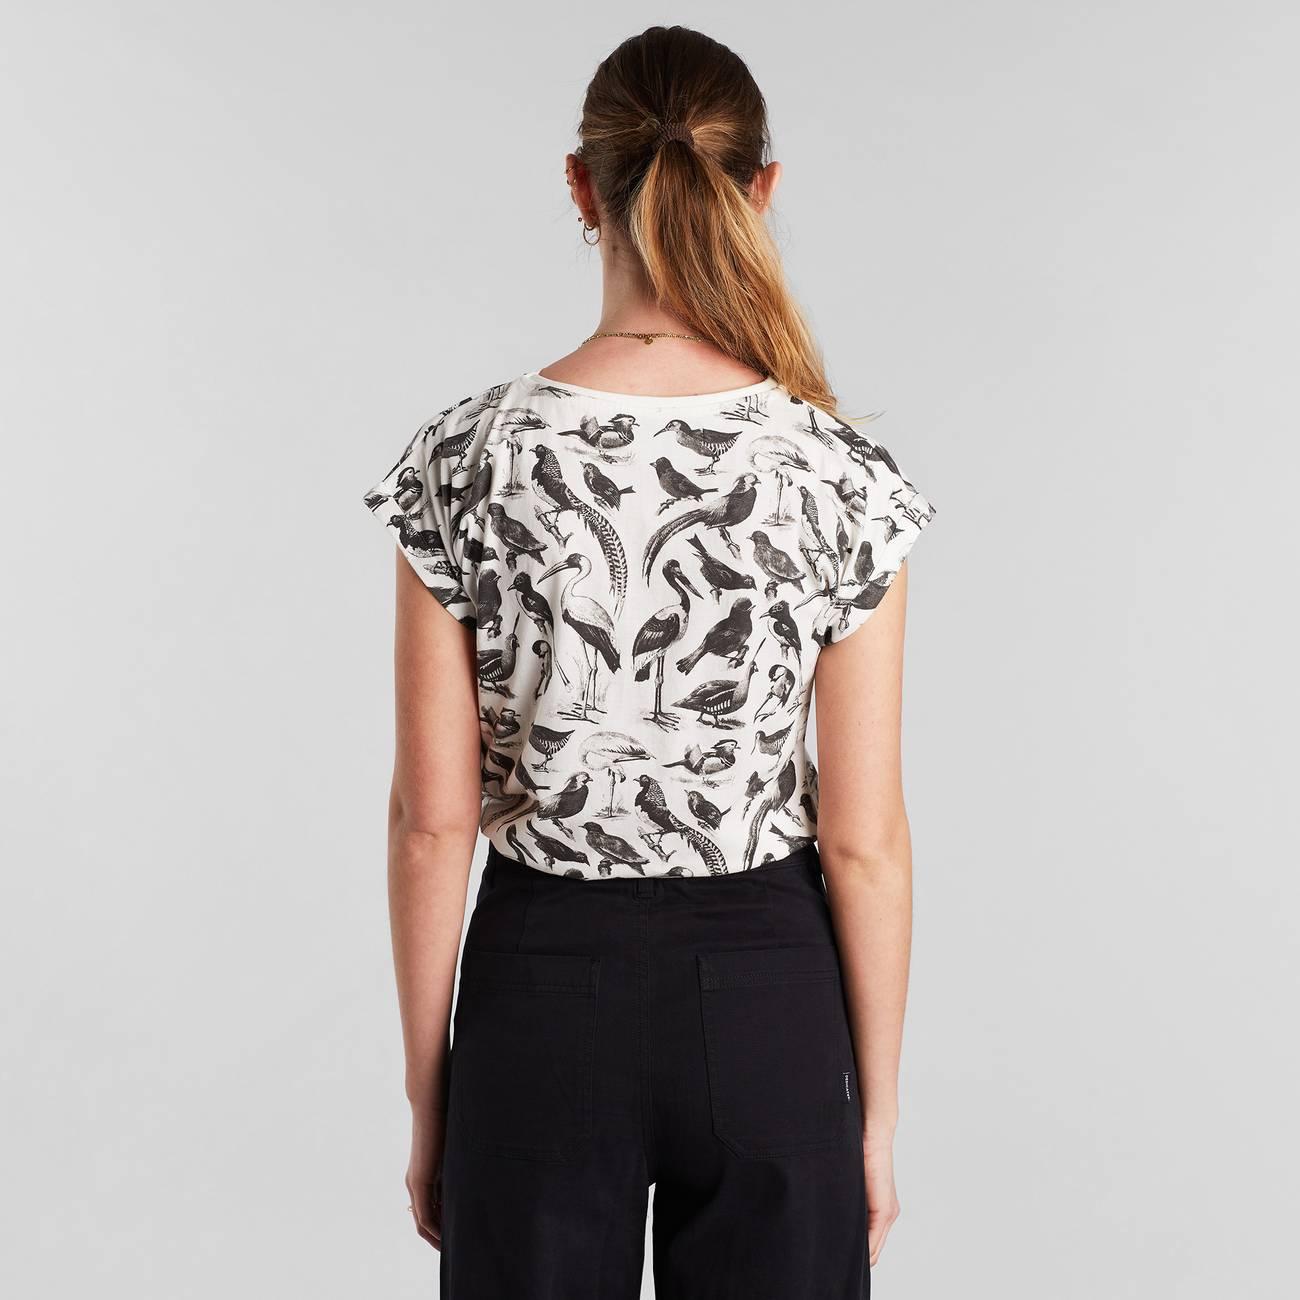 T-shirt Visby Black Birds